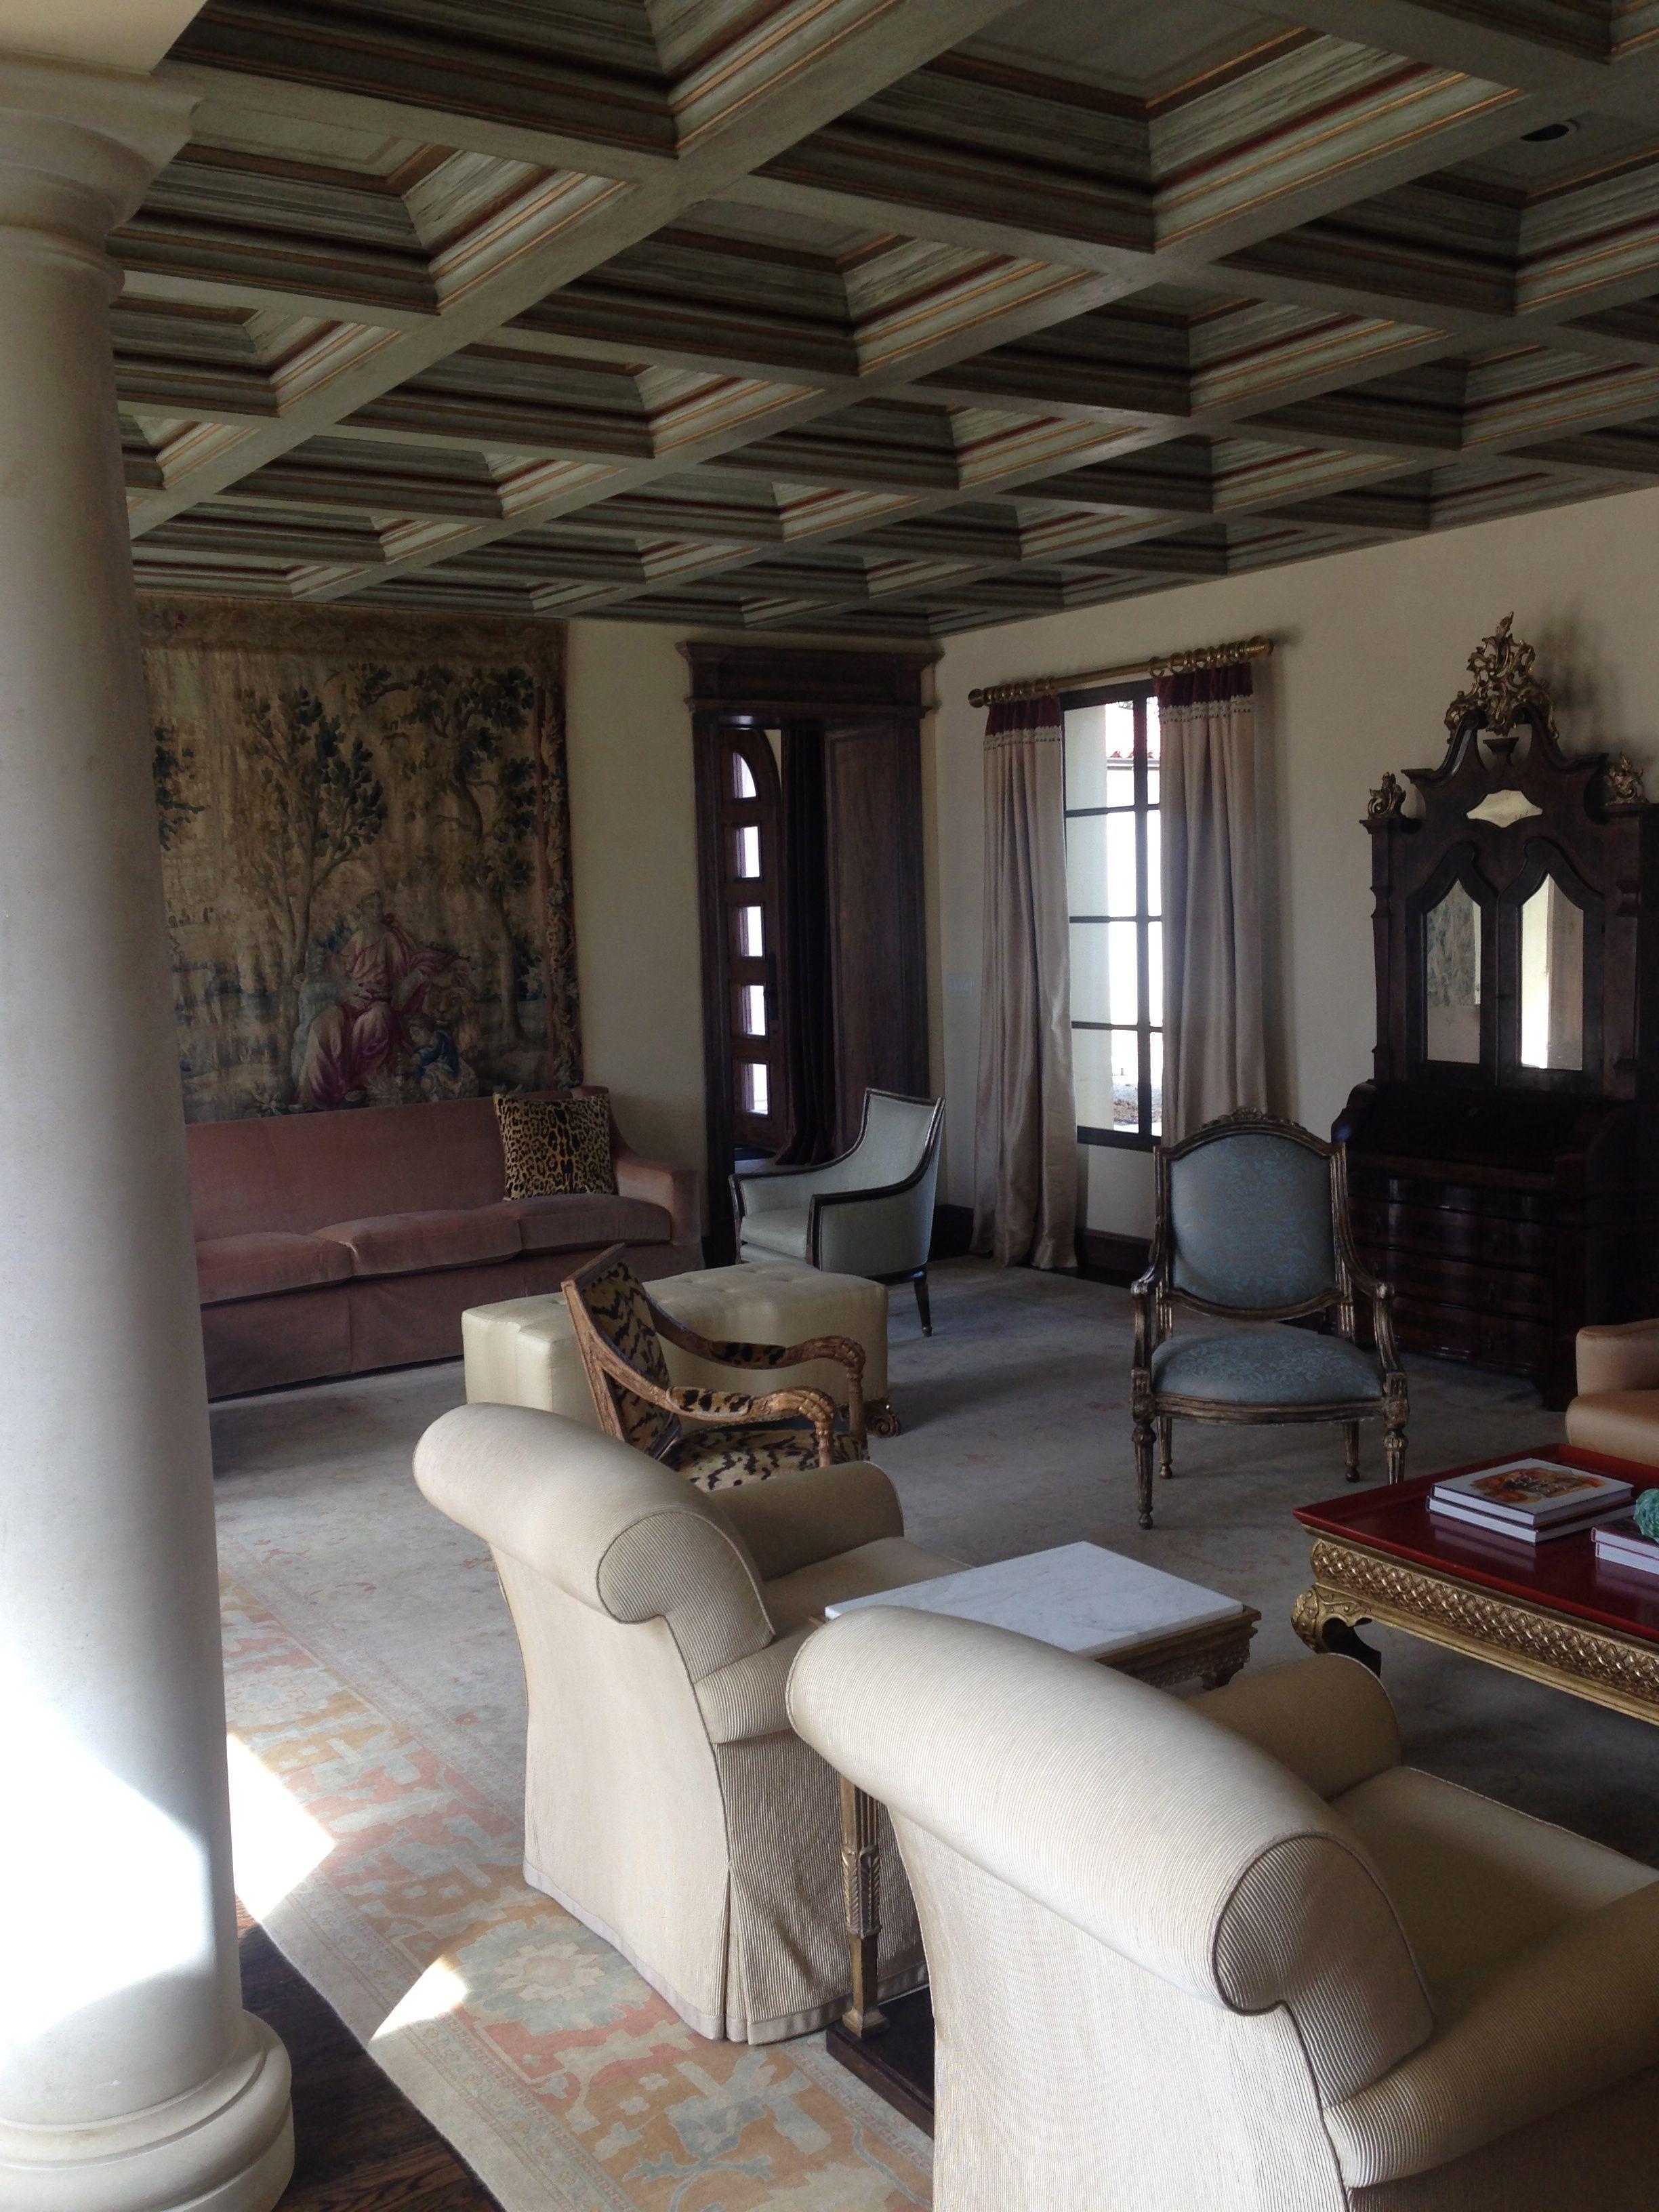 Santa Barbara Italian Living Room  Houses I've Built  Pinterest Awesome Italian Living Room Design 2018